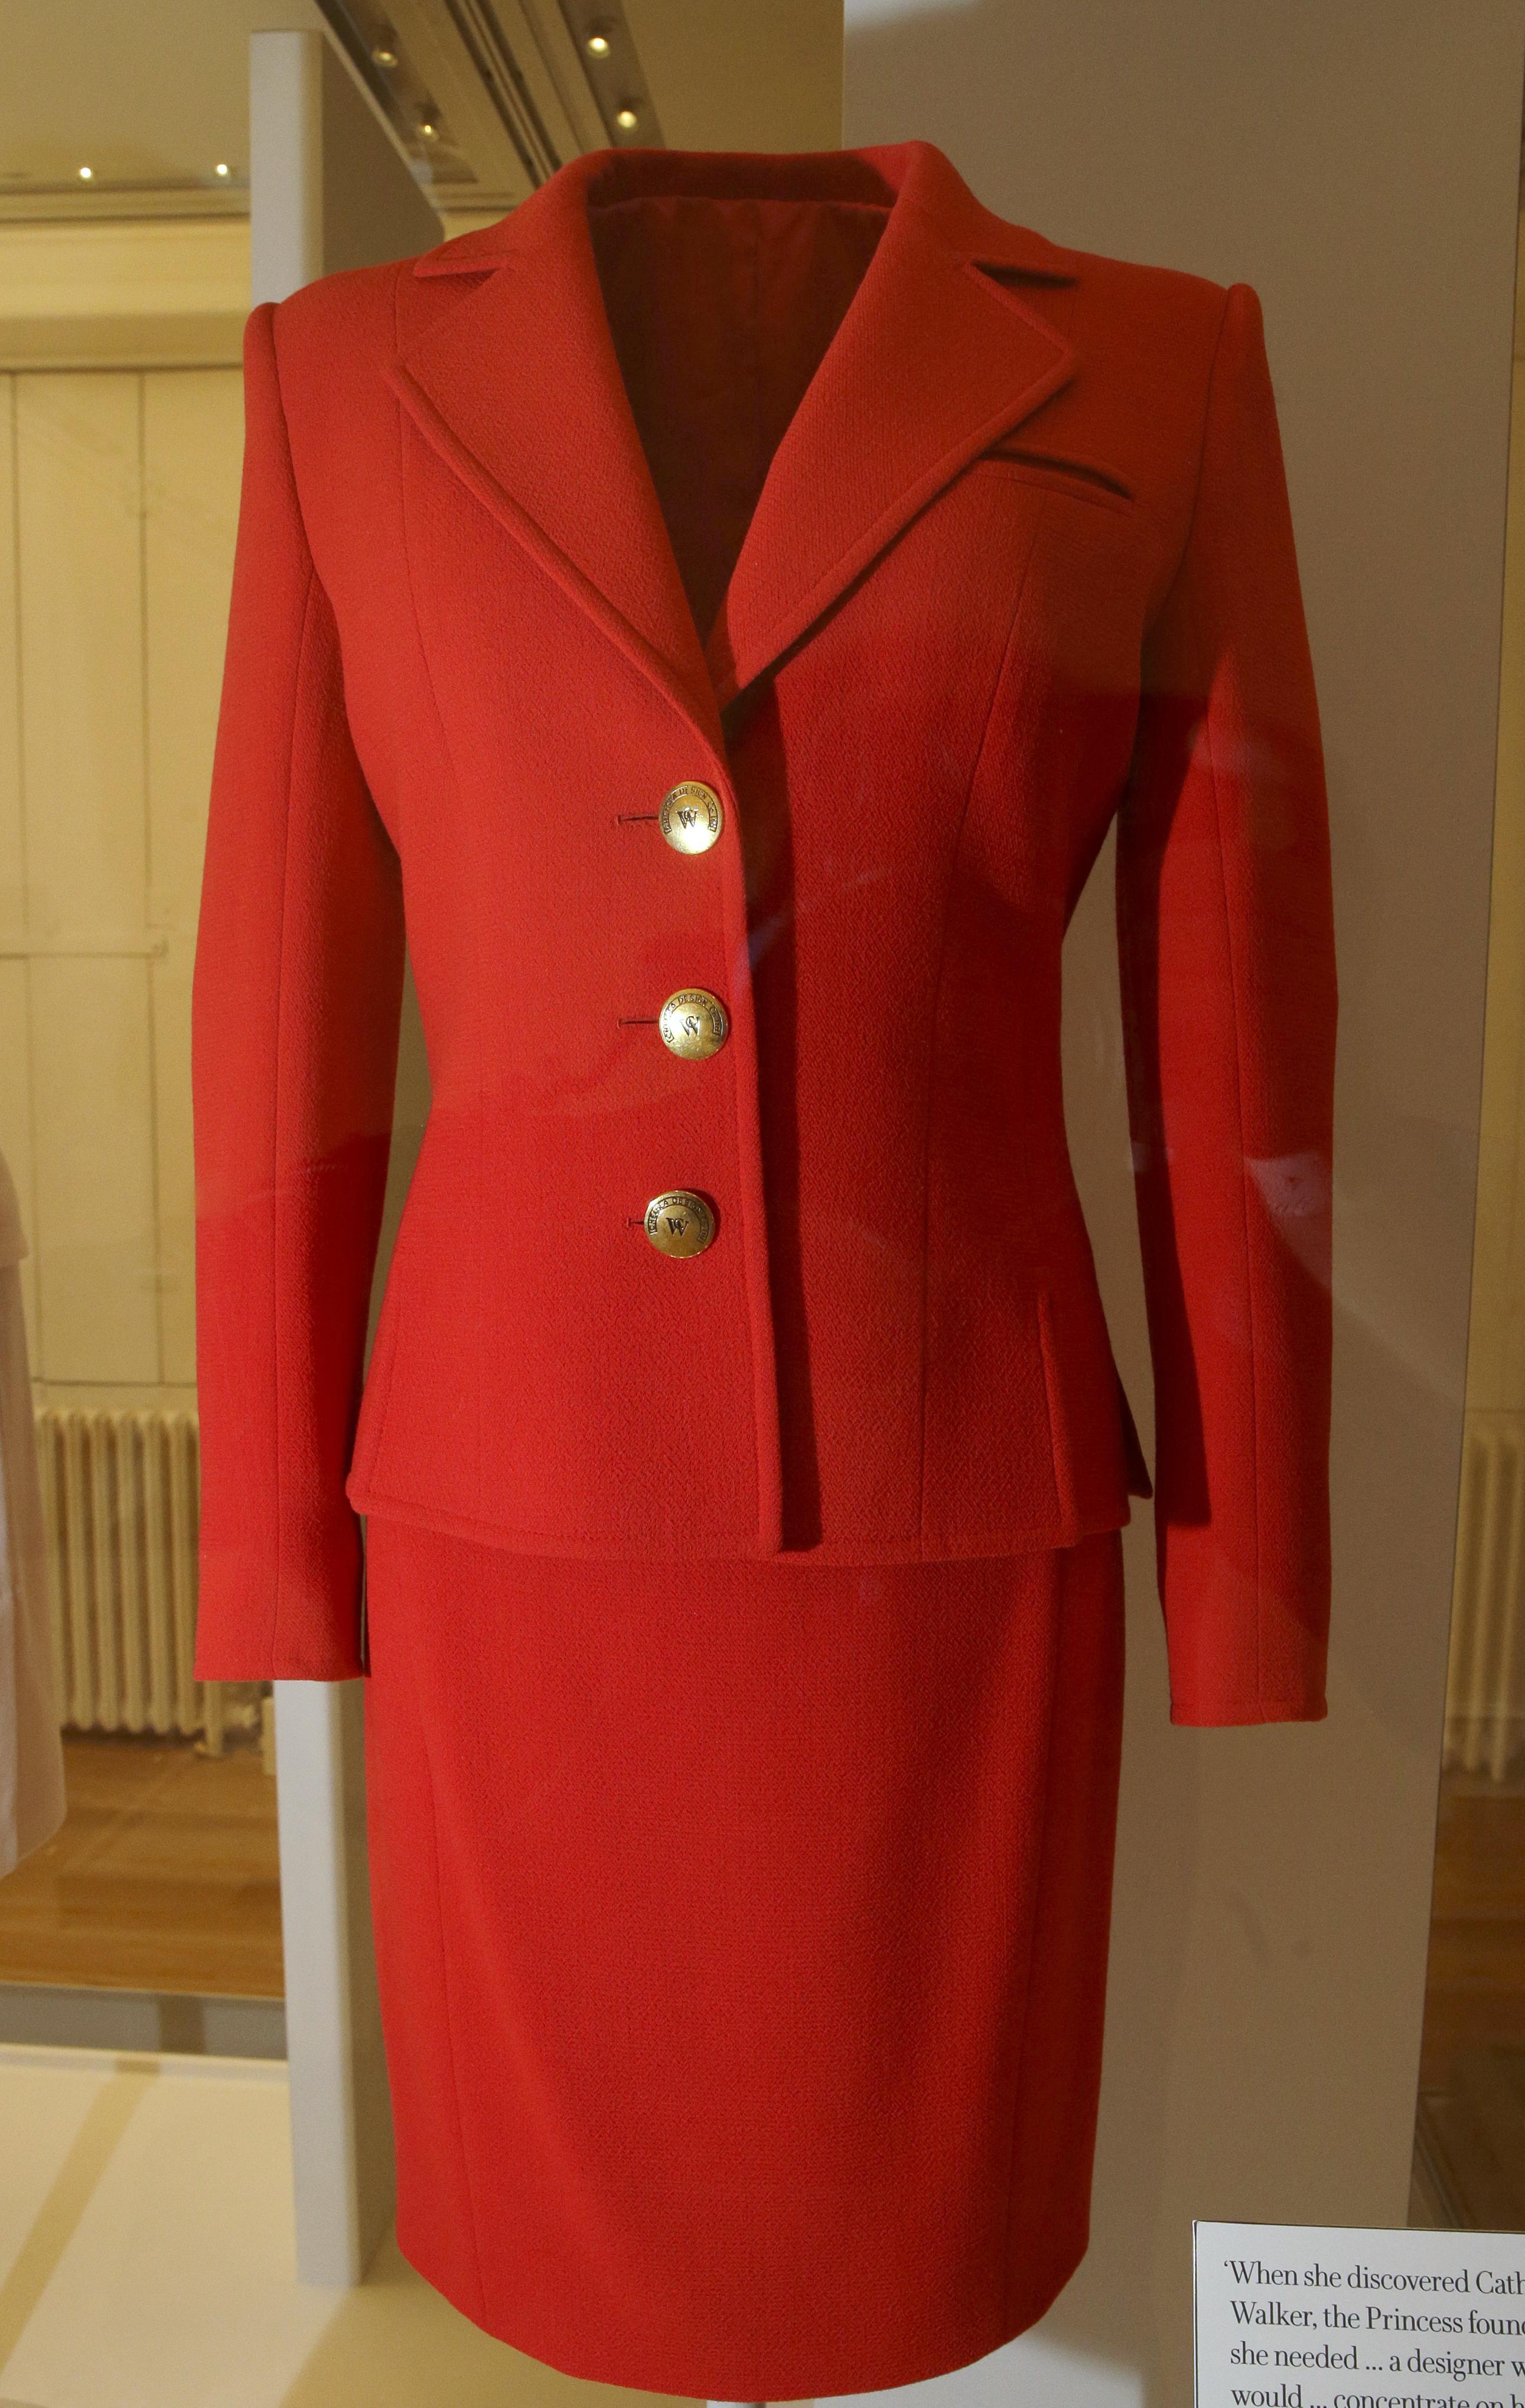 In mostra a Londra gli abiti più famosi di Lady Diana - Giornale di Sicilia a7363cfb1ac